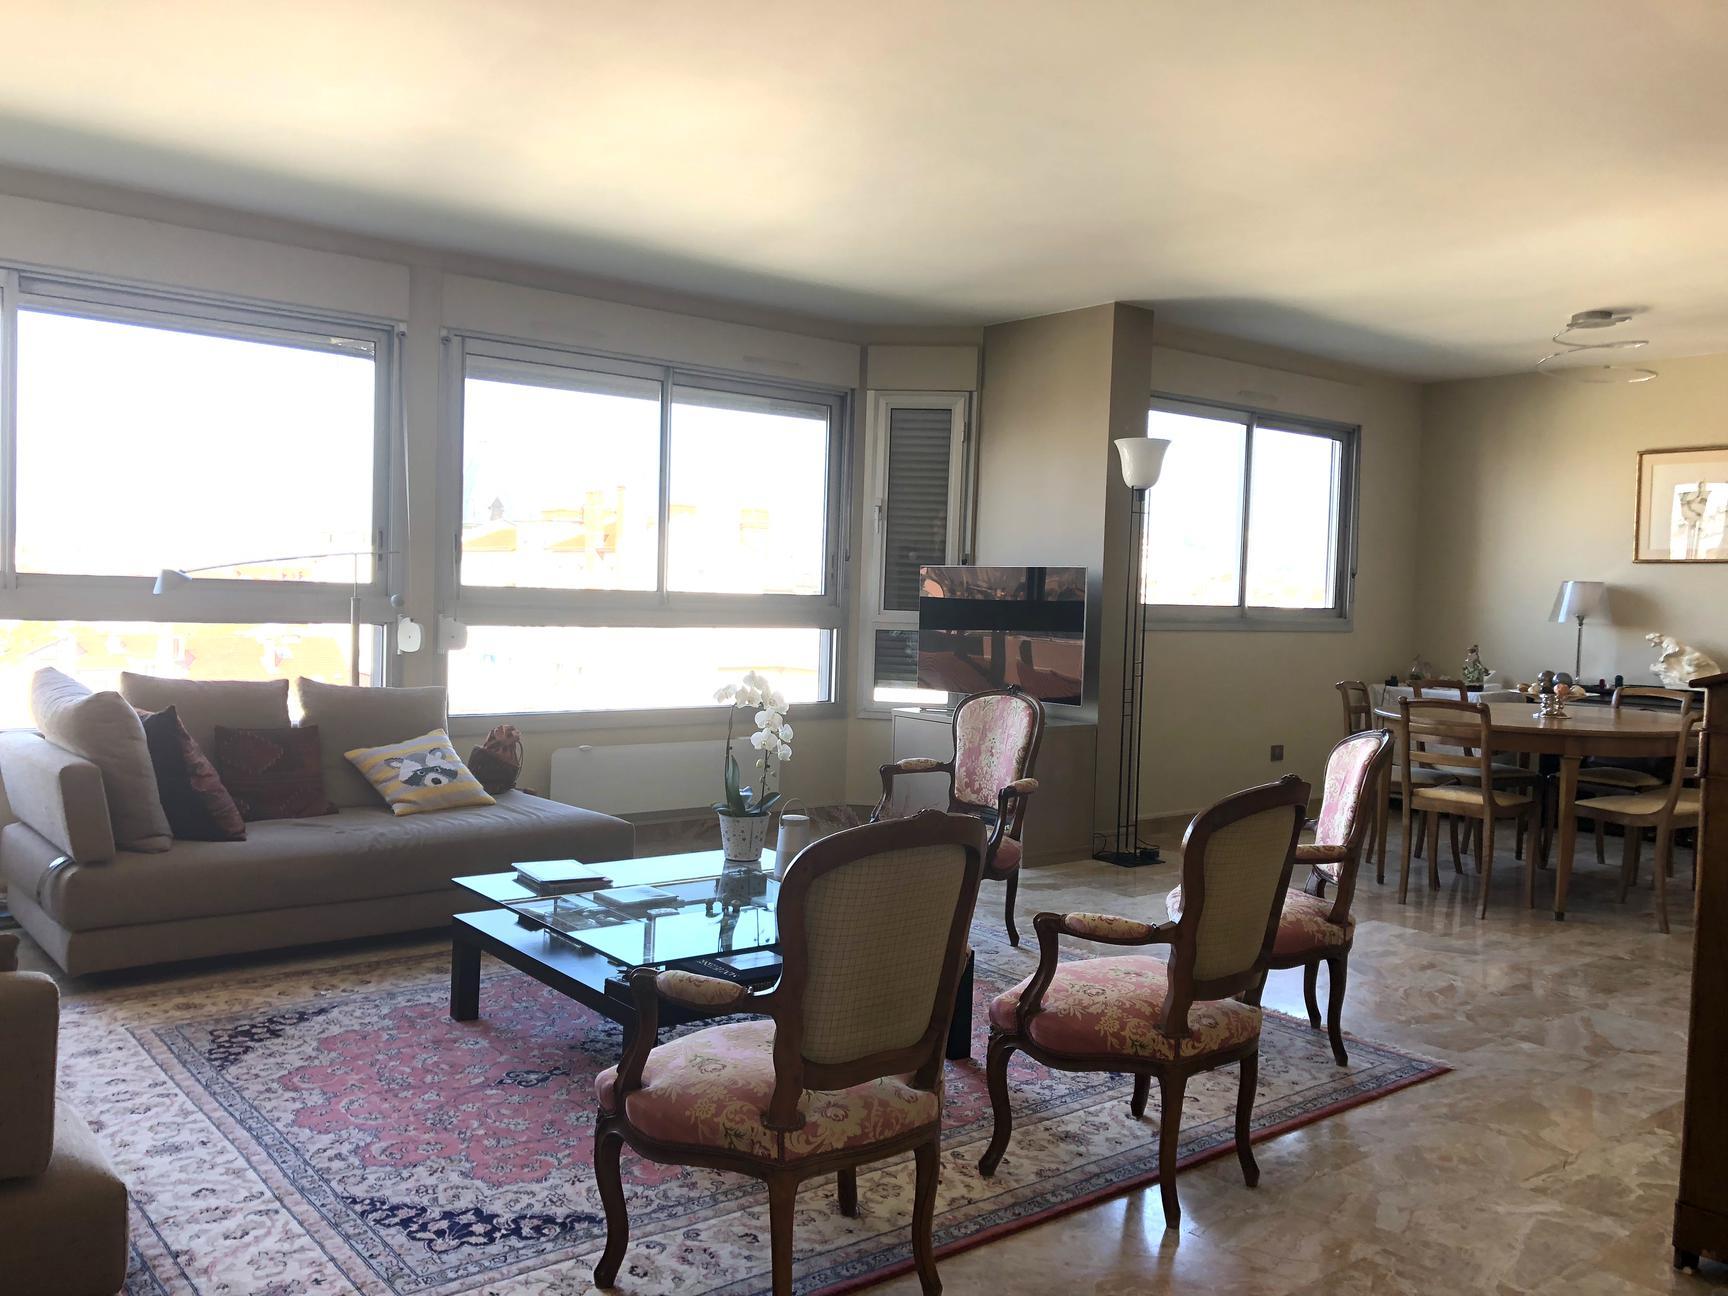 appartement 118m2 3 chambres vue magnifique garage - Lyon-6eme-arrondissement